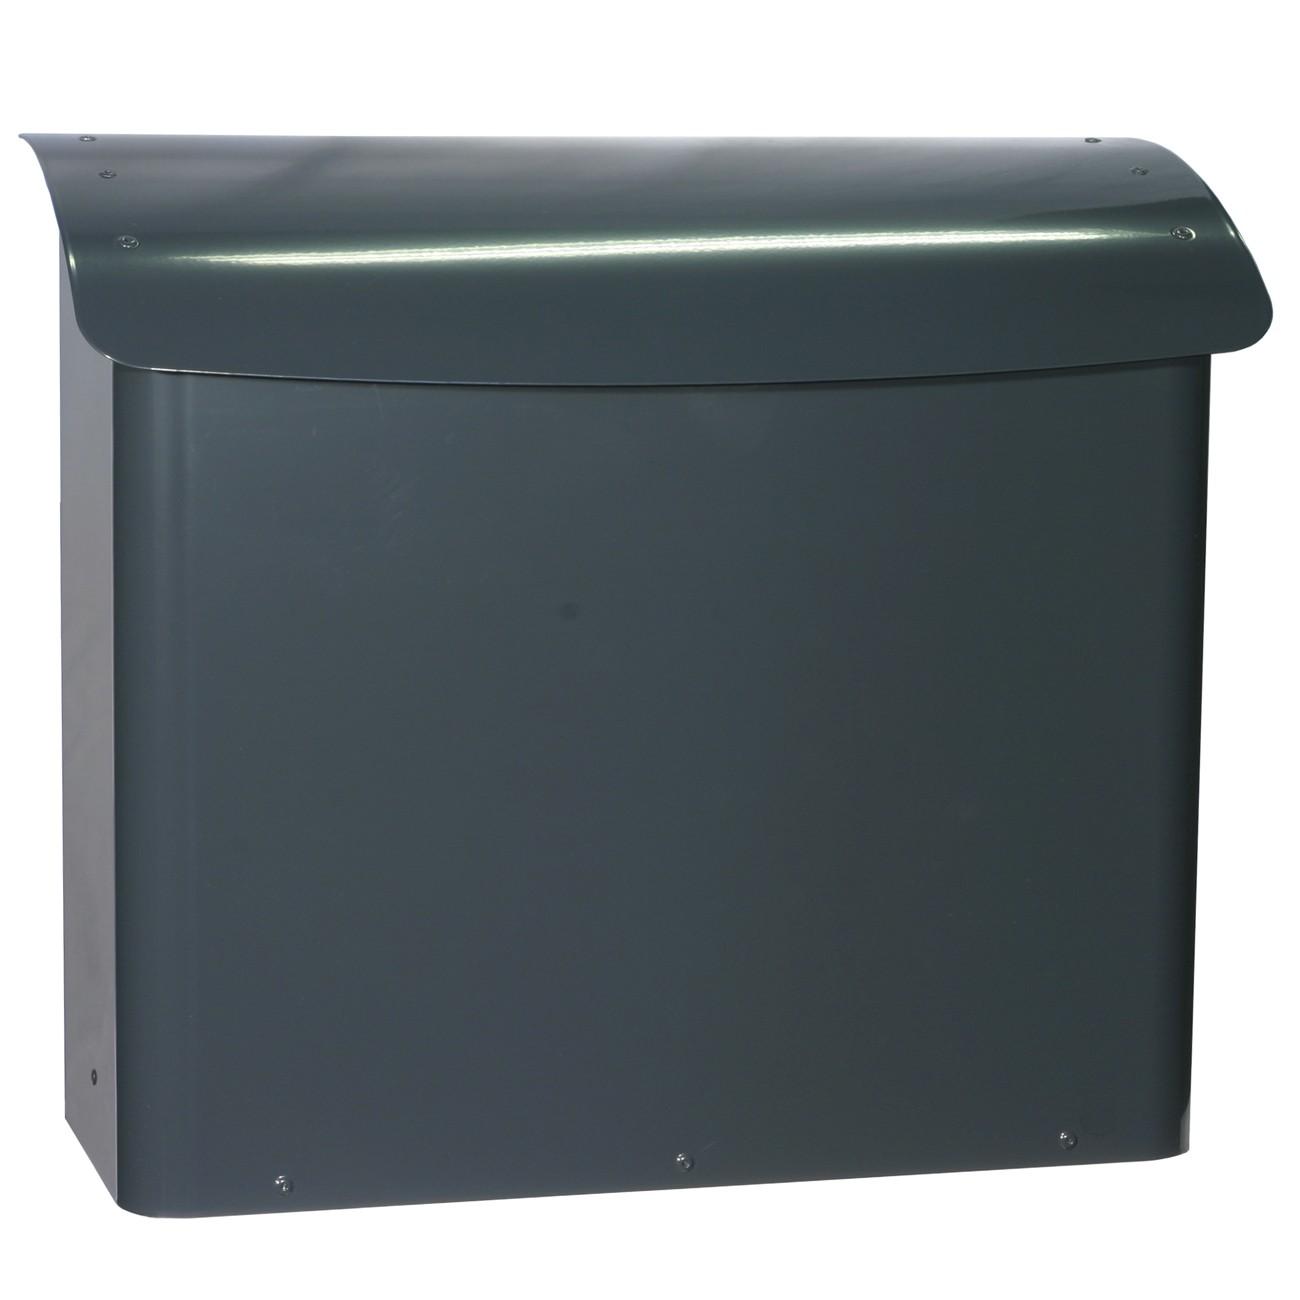 briefkasten postkasten g nstige briefk sten online. Black Bedroom Furniture Sets. Home Design Ideas